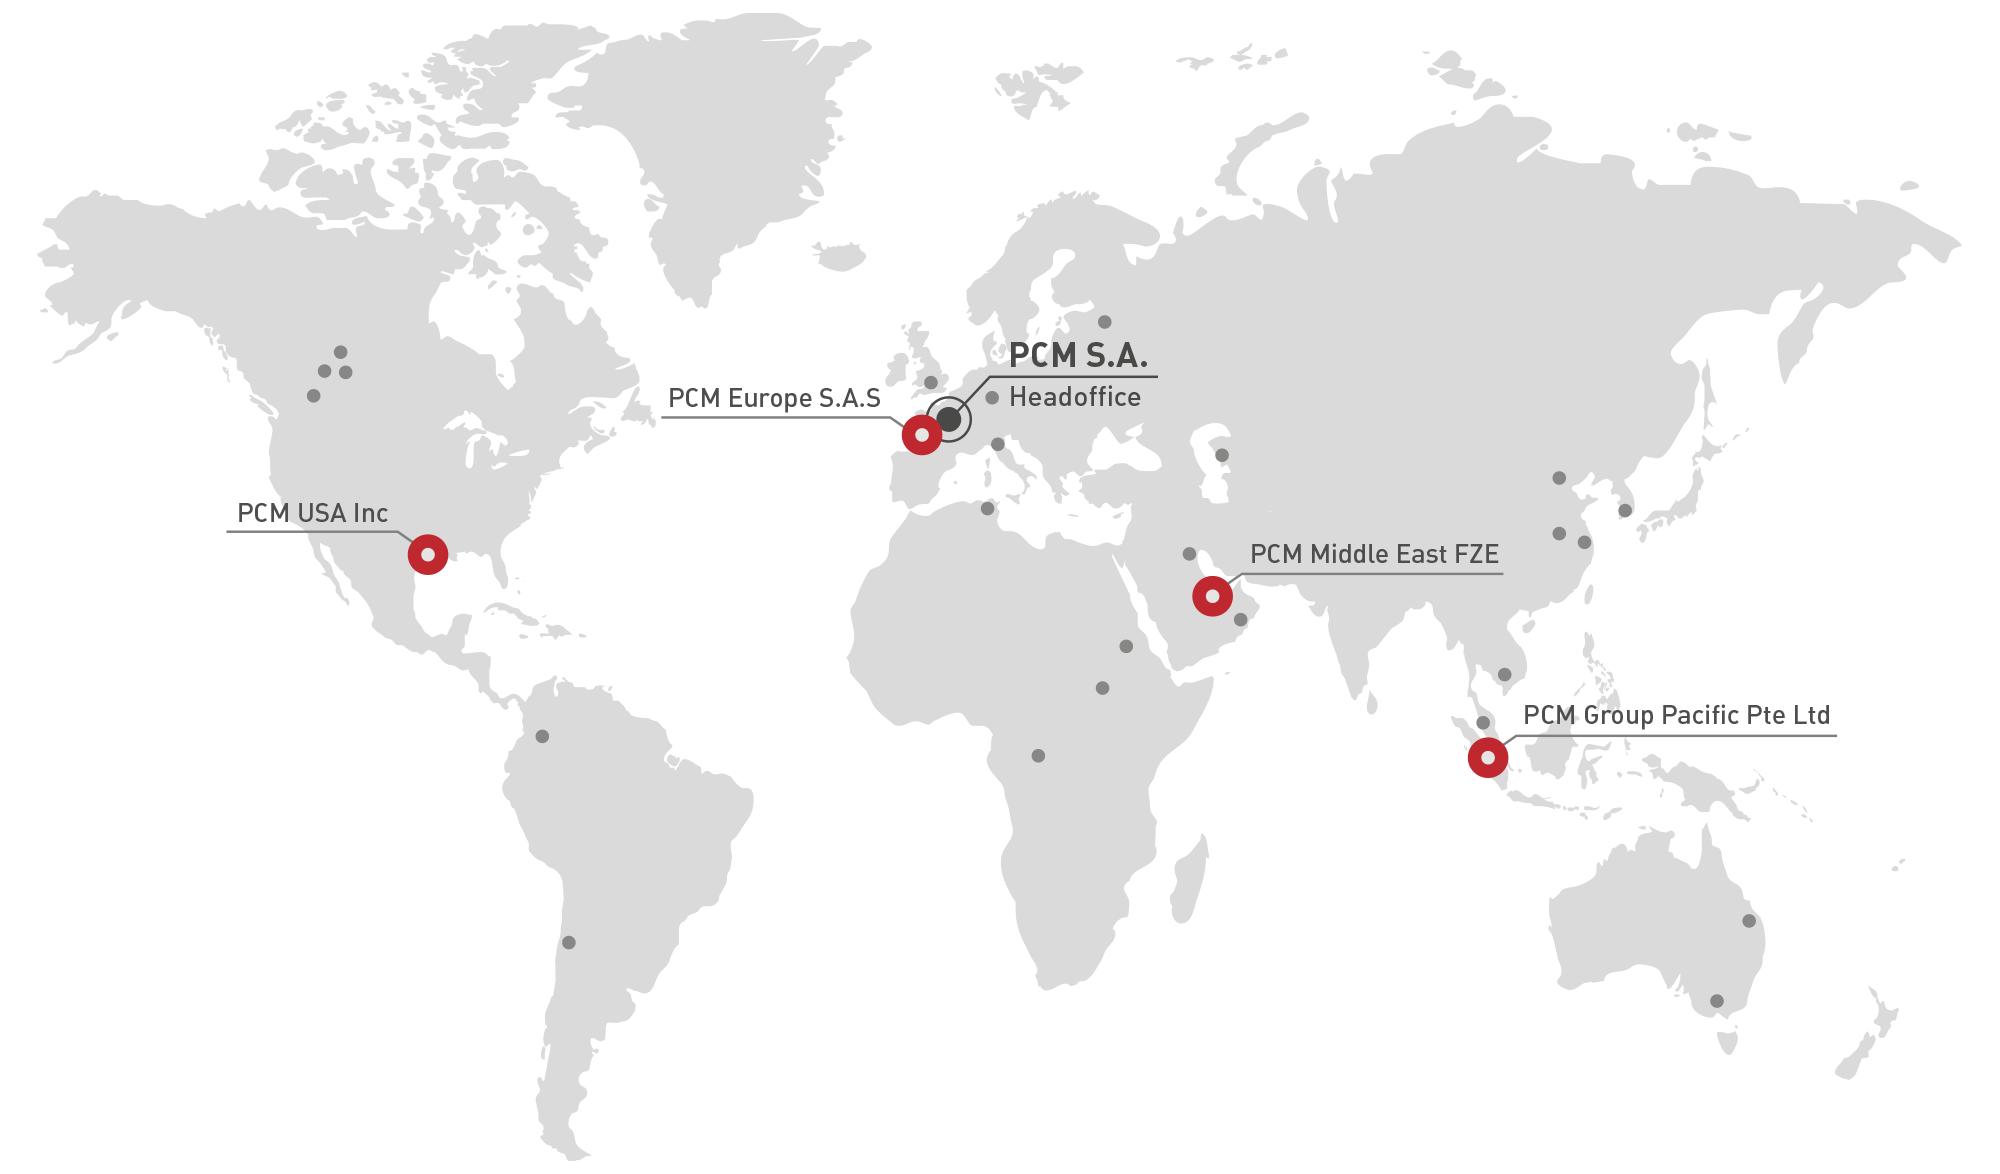 Контакты по всему миру ПСМ